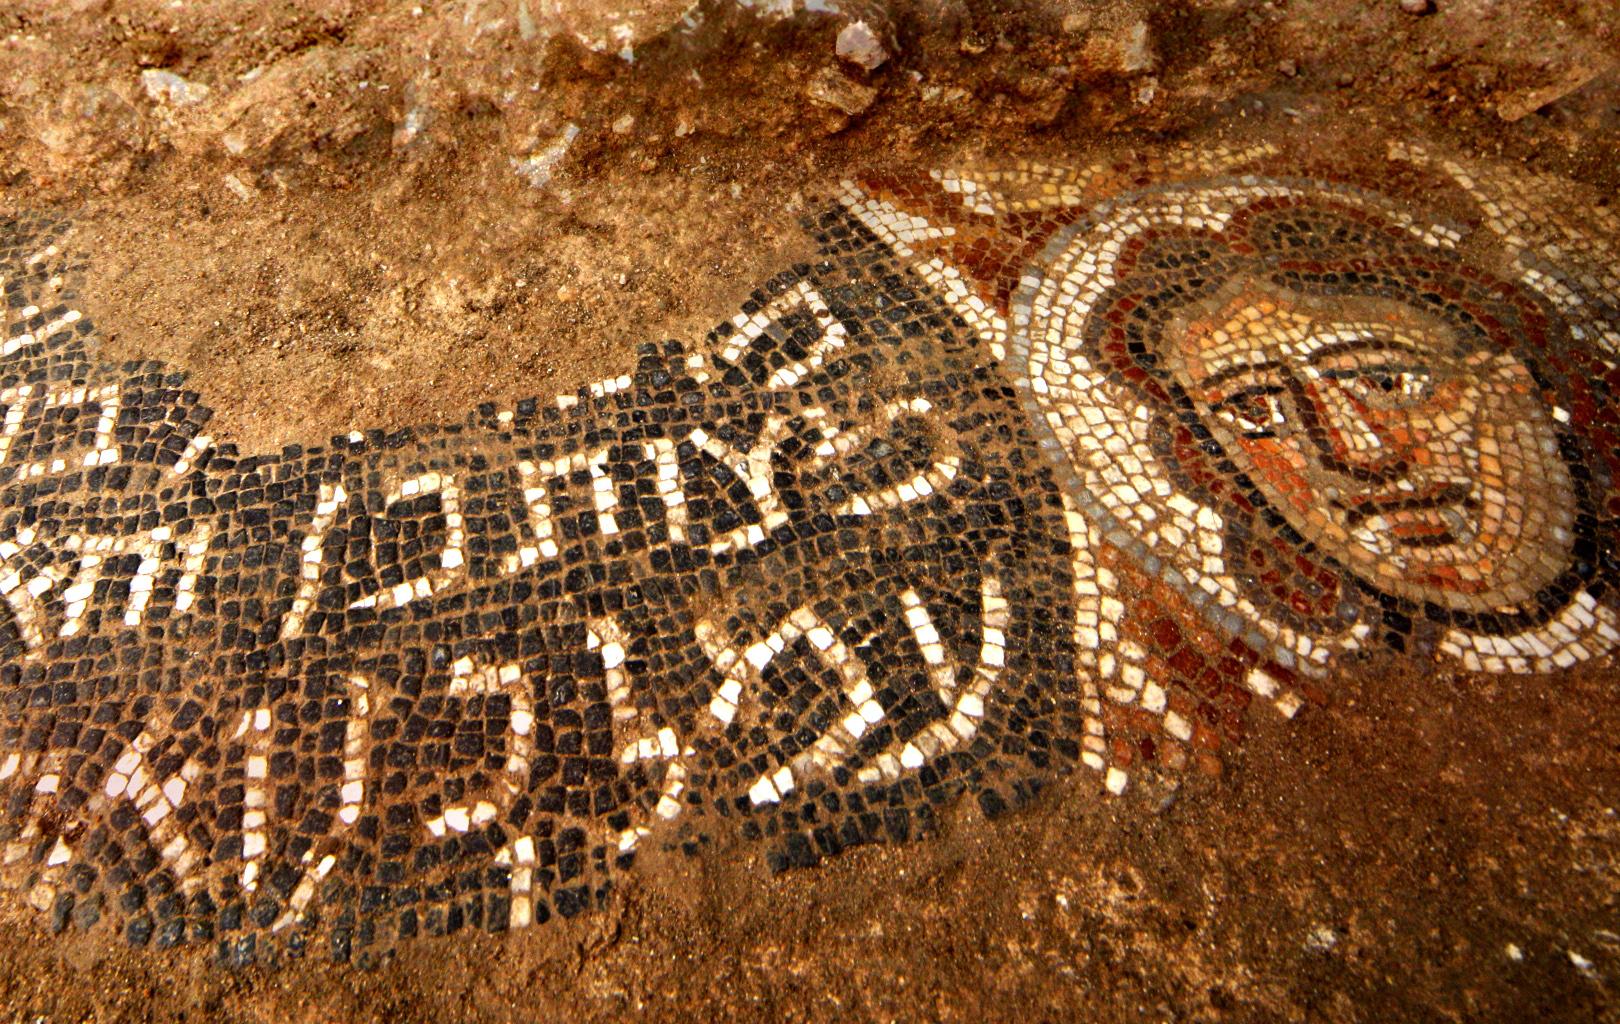 Археологи узнали, как жили евреи в Израиле 1500 лет назад — и удивились